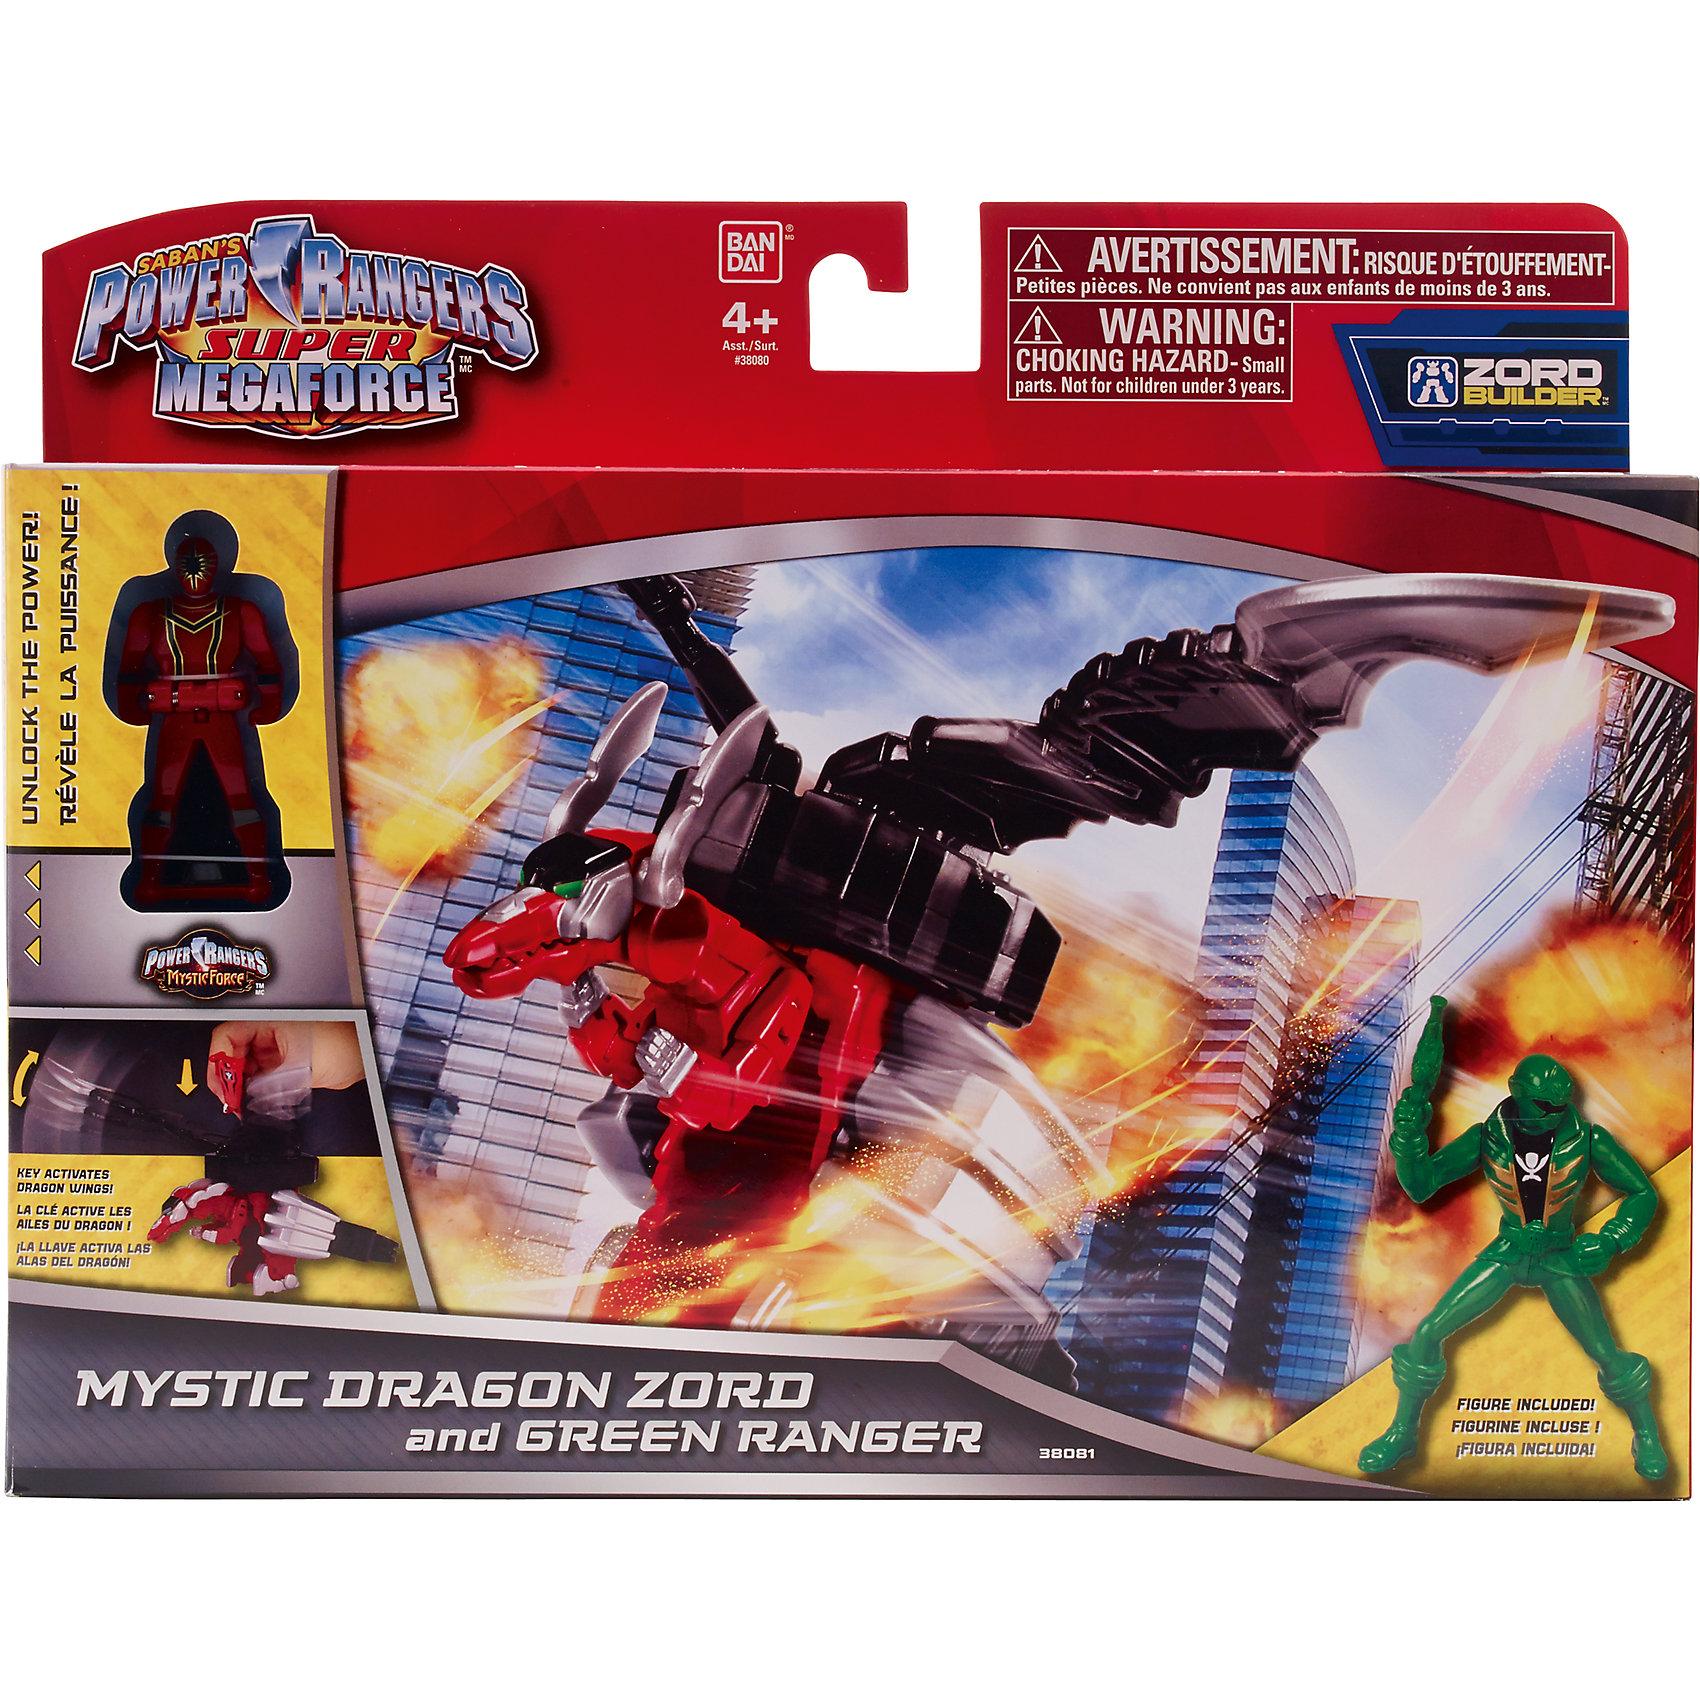 Набор Зорда и фигурки рейнджера, Power RangersИгрушки<br>Набор состоит из зорда и двух фигурок-ключей из серии Power Rangers (Могучие рейнджеры) Megaforce от компании Bandai. 2 фигурки в комплекте, которые активируют подвижные части зорда.<br><br>Дополнительная информация:<br><br>2 фигурки-ключа в комплекте<br>У зорда двигаются крылья после активации<br>Высота: 10 см<br><br>Набор Зорда и фигурки рейнджера, Power Rangers (Могучие рейнджеры) можно купить в нашем магазине.<br><br>Ширина мм: 295<br>Глубина мм: 230<br>Высота мм: 70<br>Вес г: 350<br>Возраст от месяцев: 36<br>Возраст до месяцев: 120<br>Пол: Мужской<br>Возраст: Детский<br>SKU: 4117600